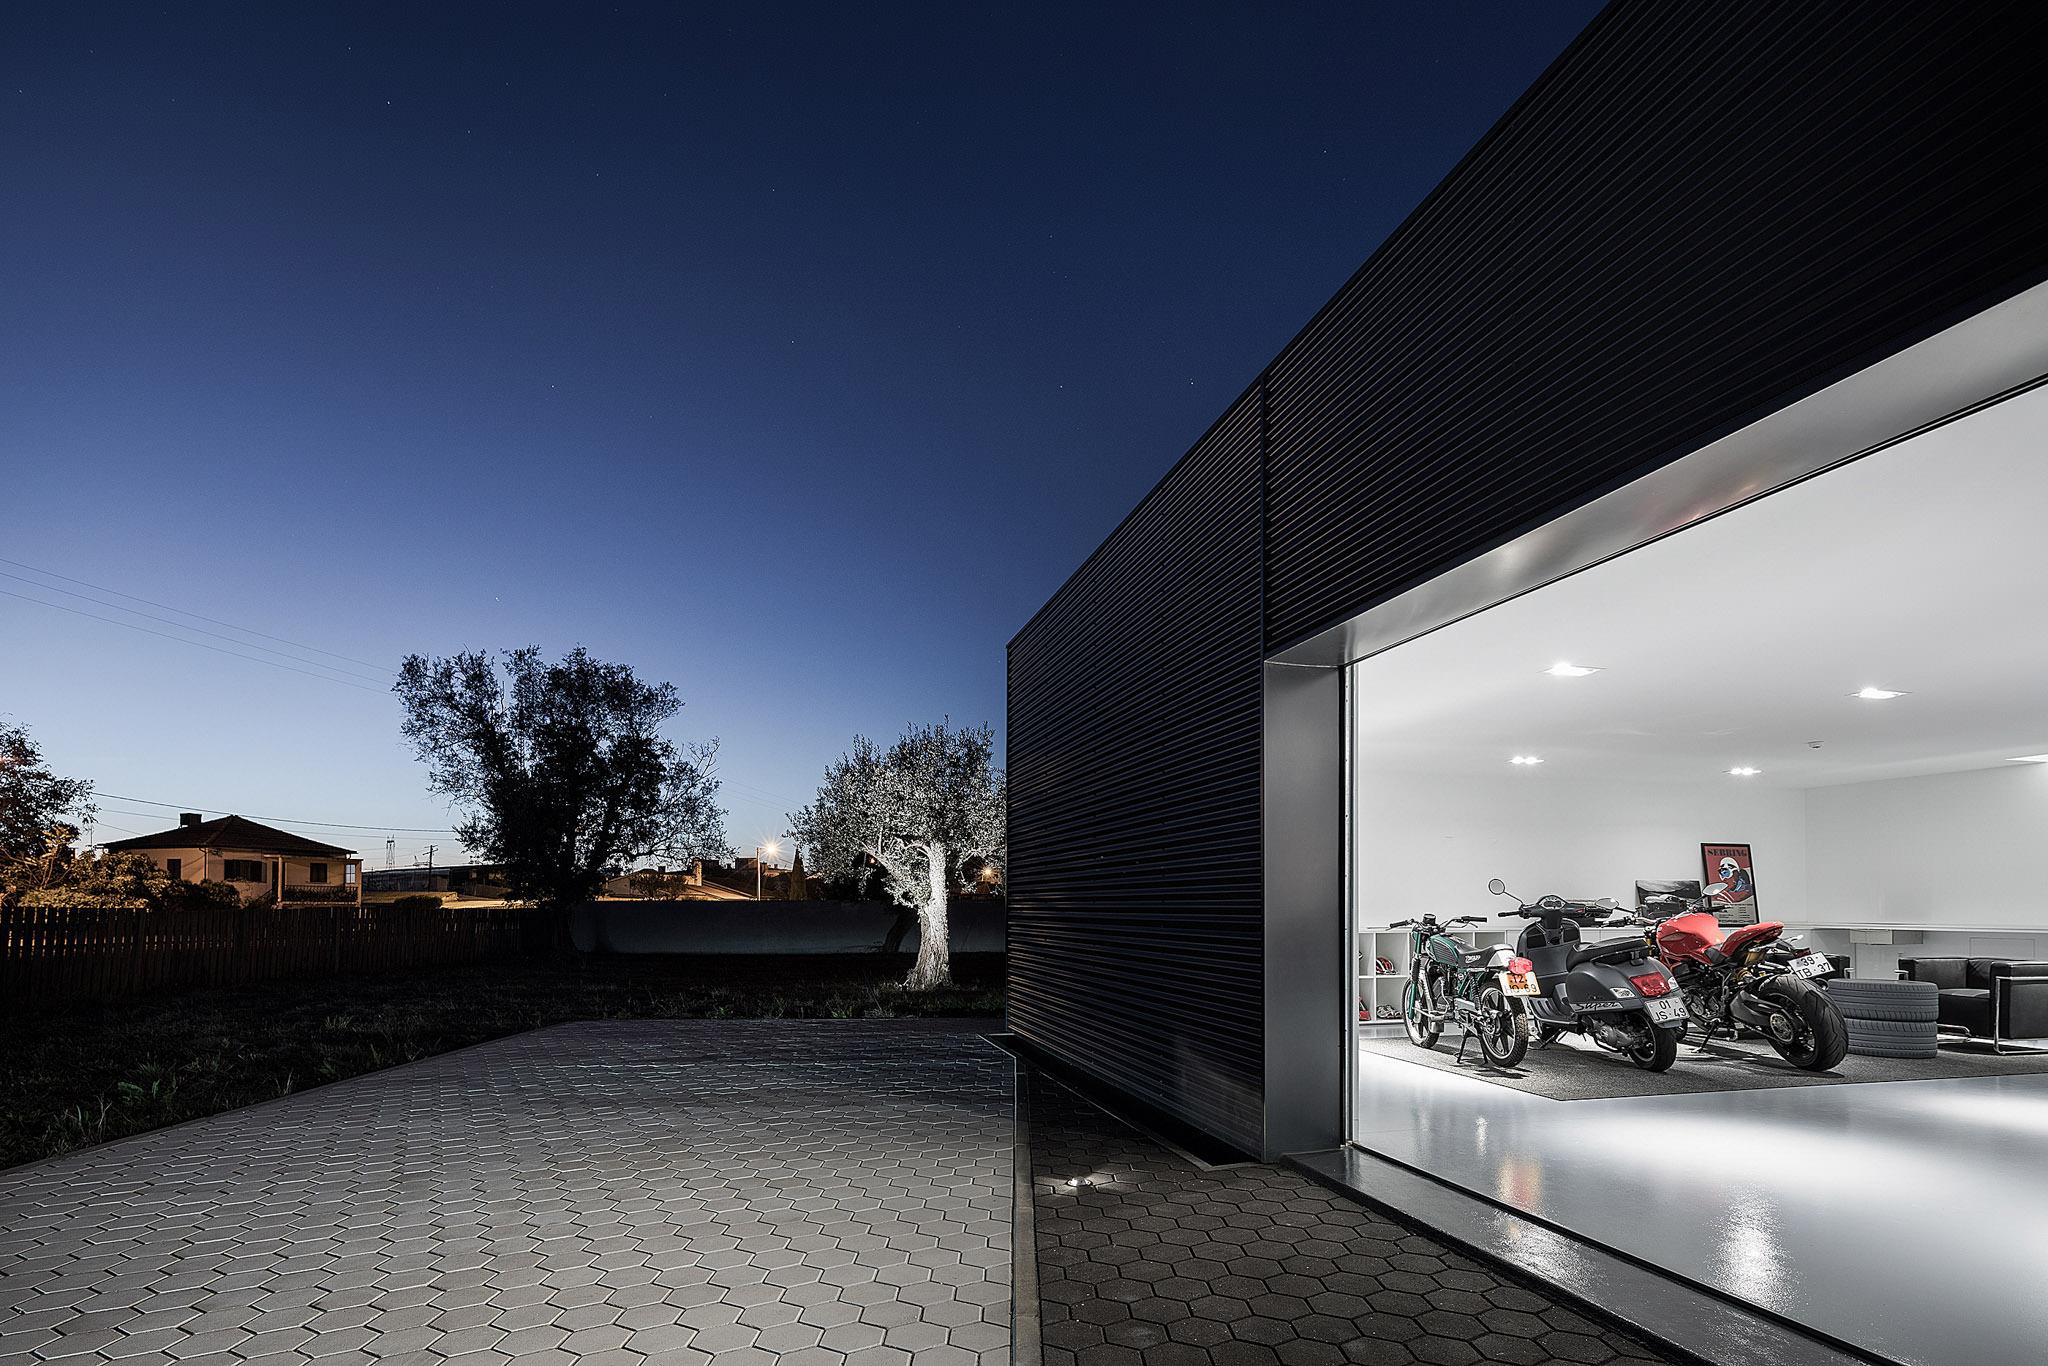 Reportagem Fotografia De Arquitectura Portuguesa Fotografo Ivo Tavares Studio Garagem De Paulo Martins.